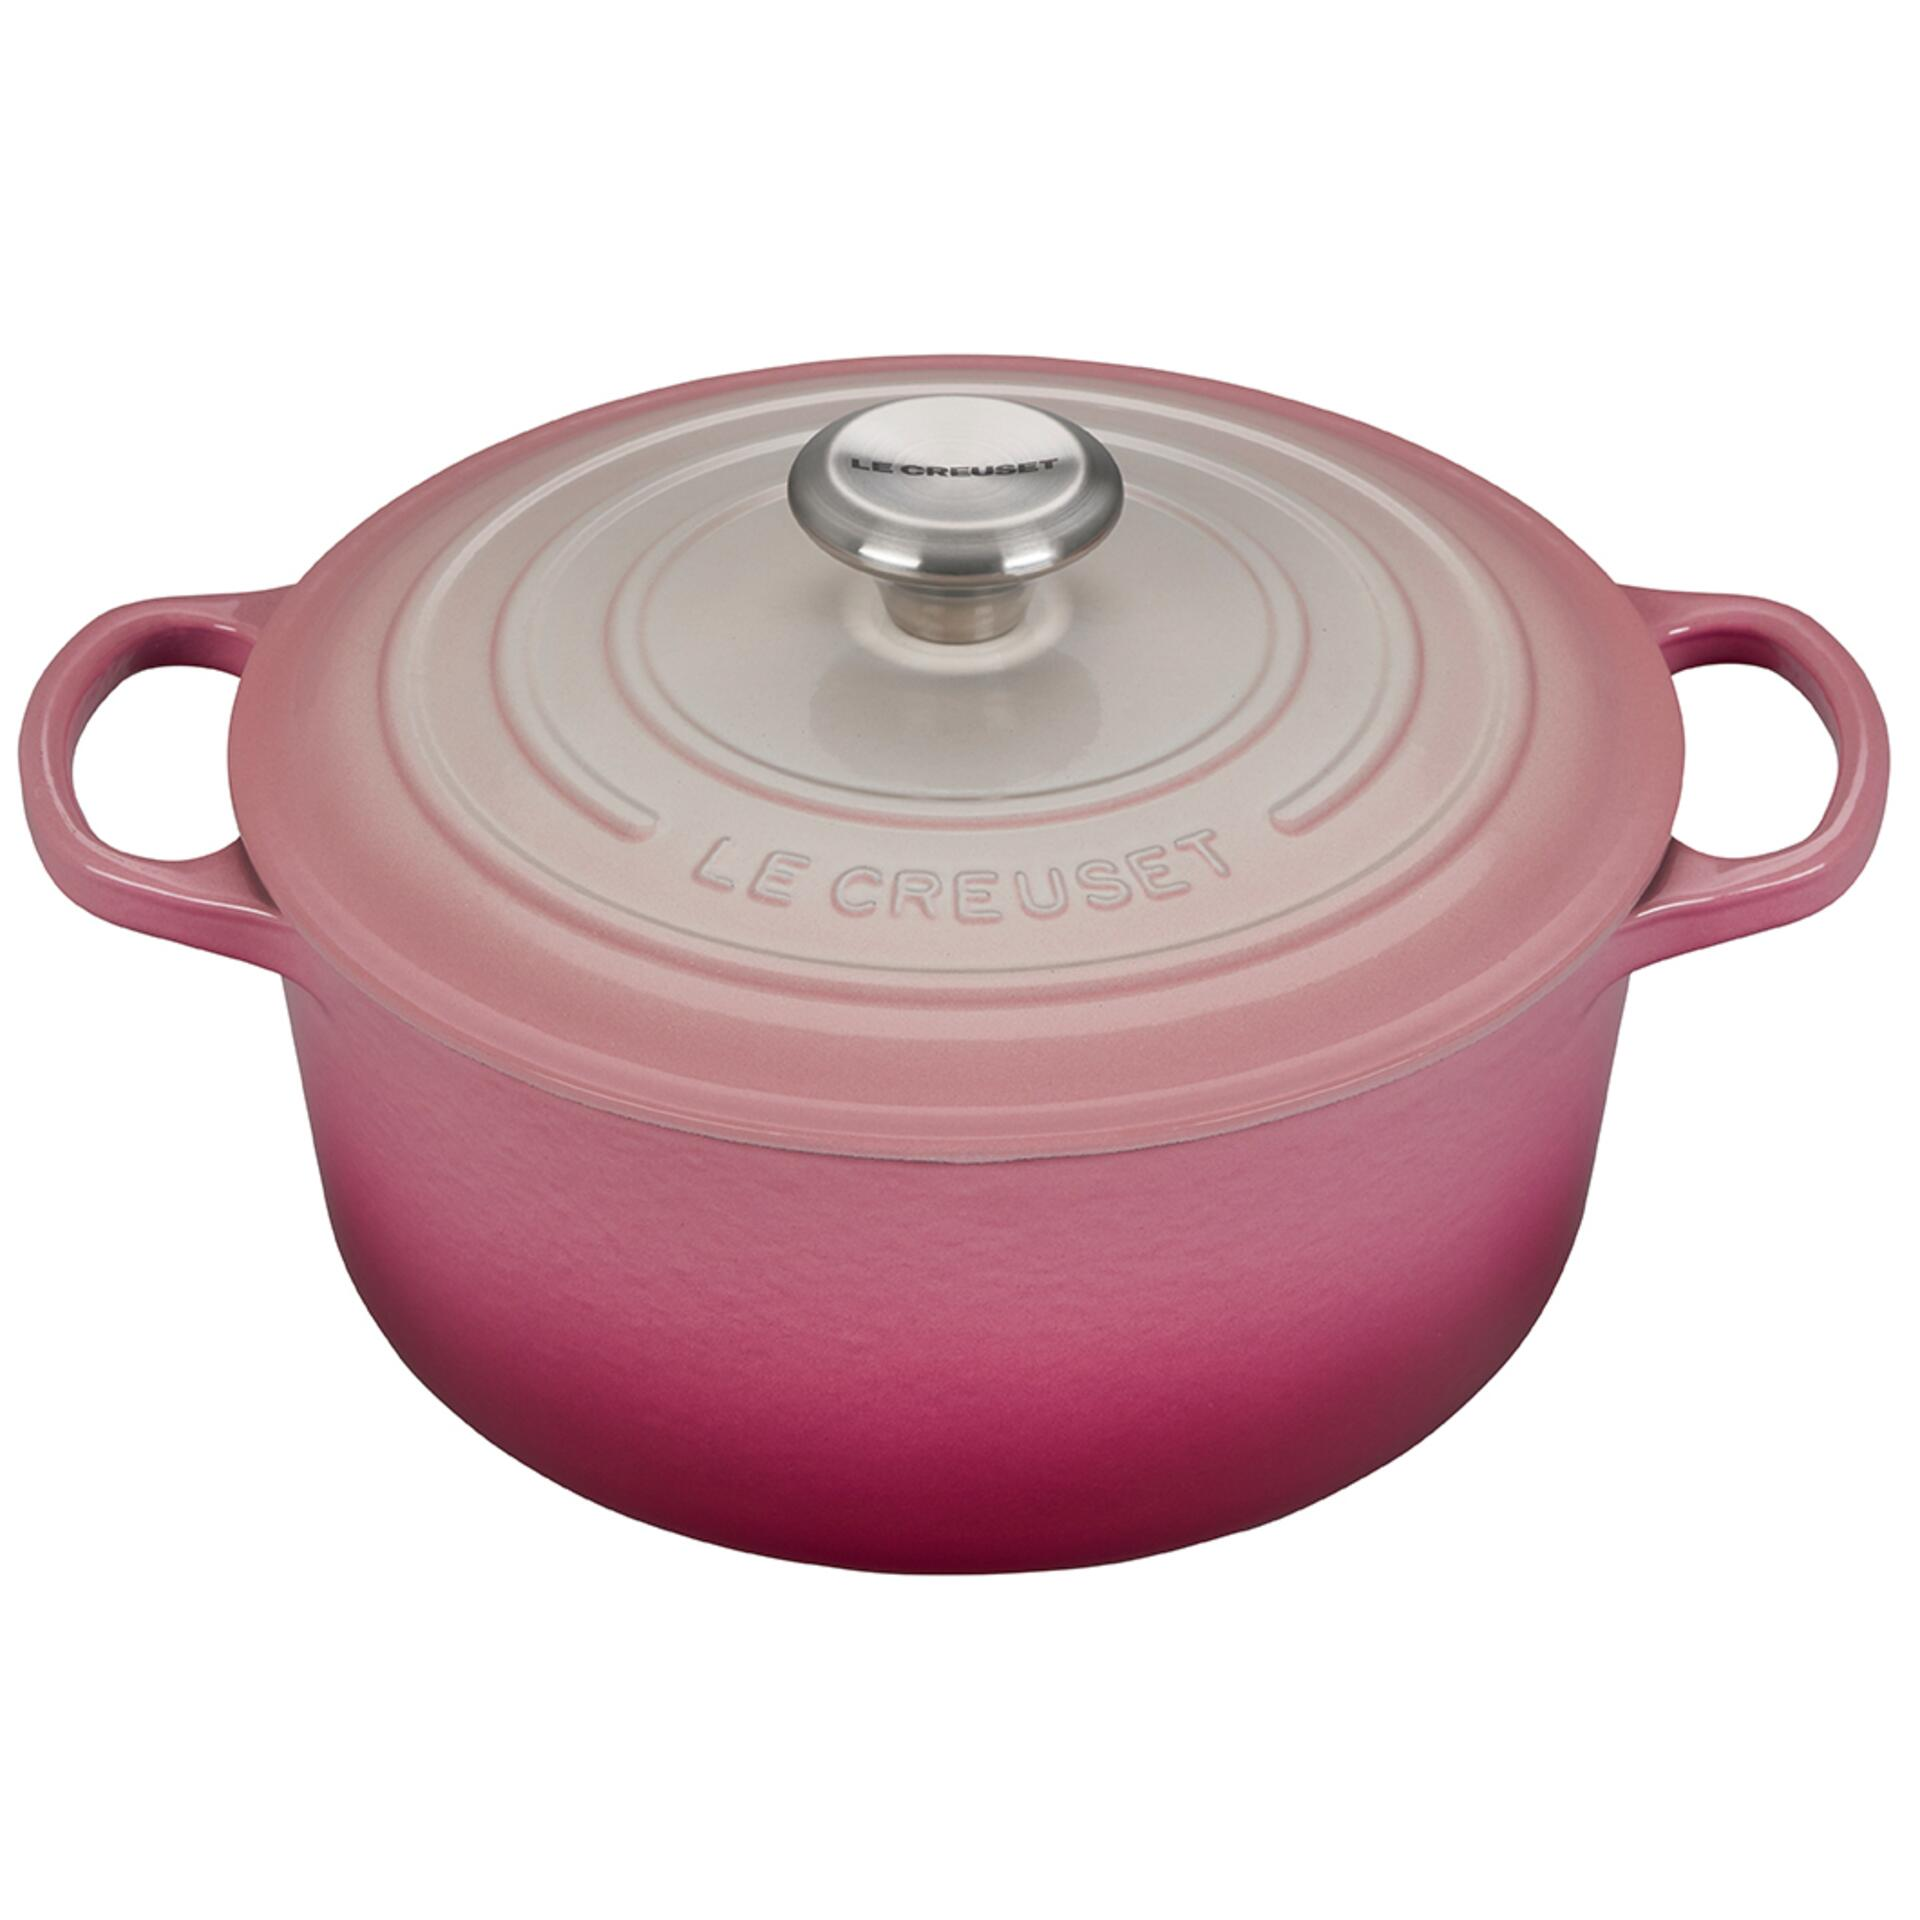 Le Creuset Bräter Signature 24 cm Ombré Pink 4,2 L